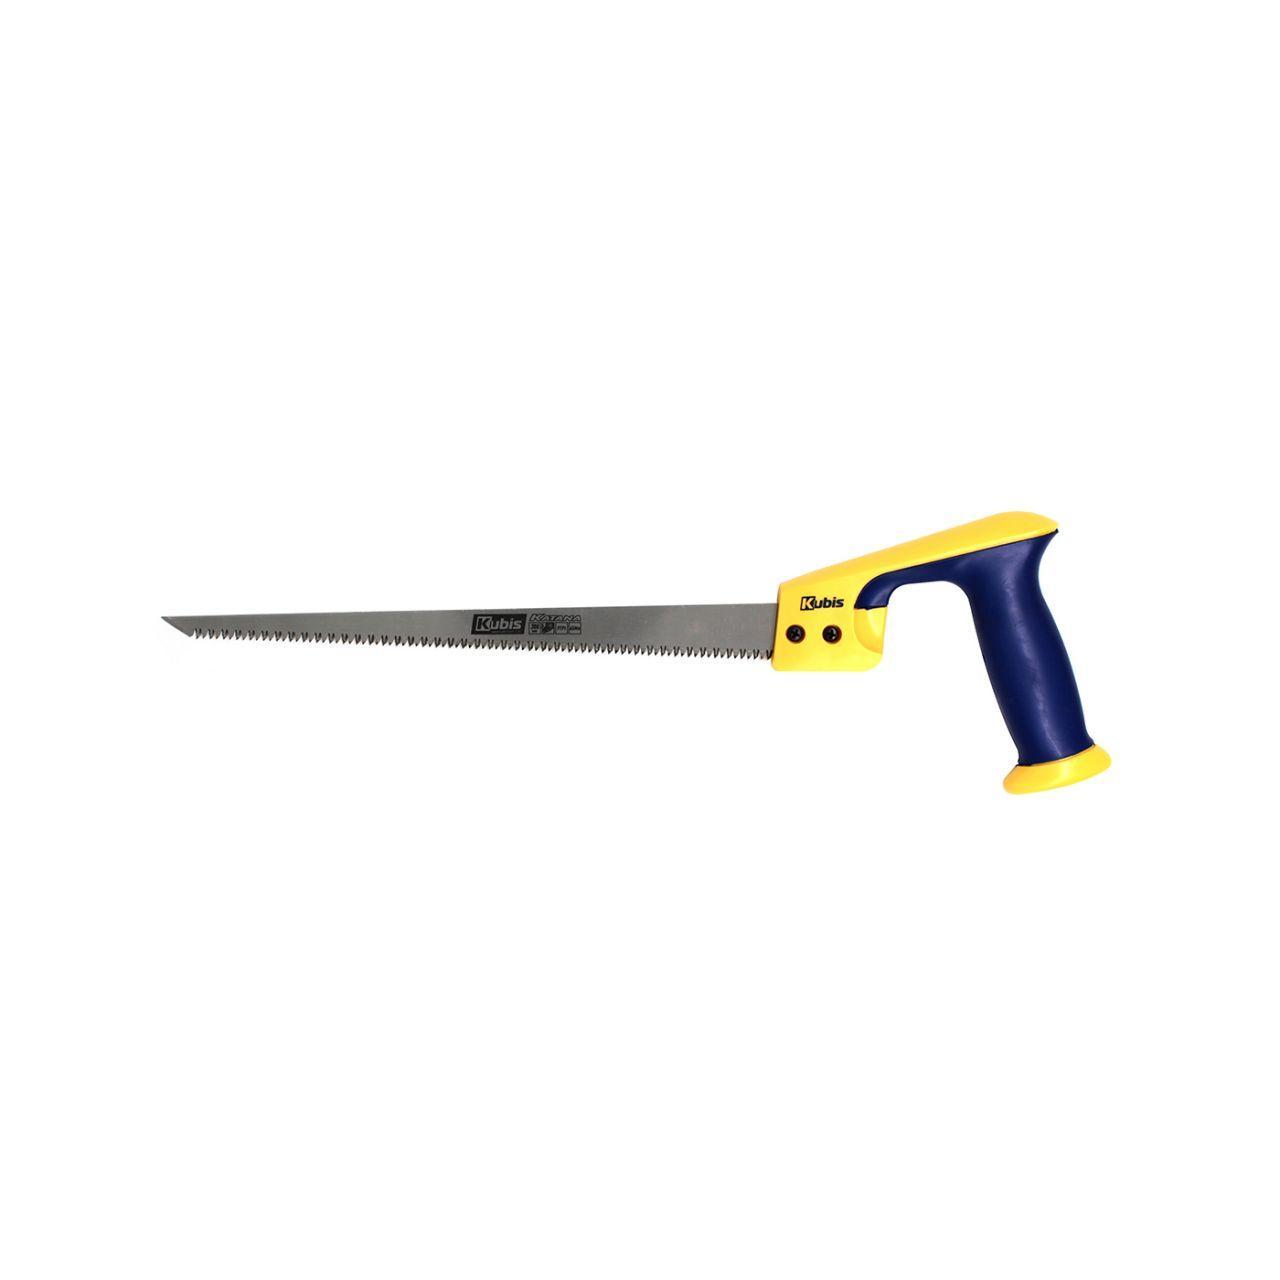 Ножівка викружна KATANA 300мм